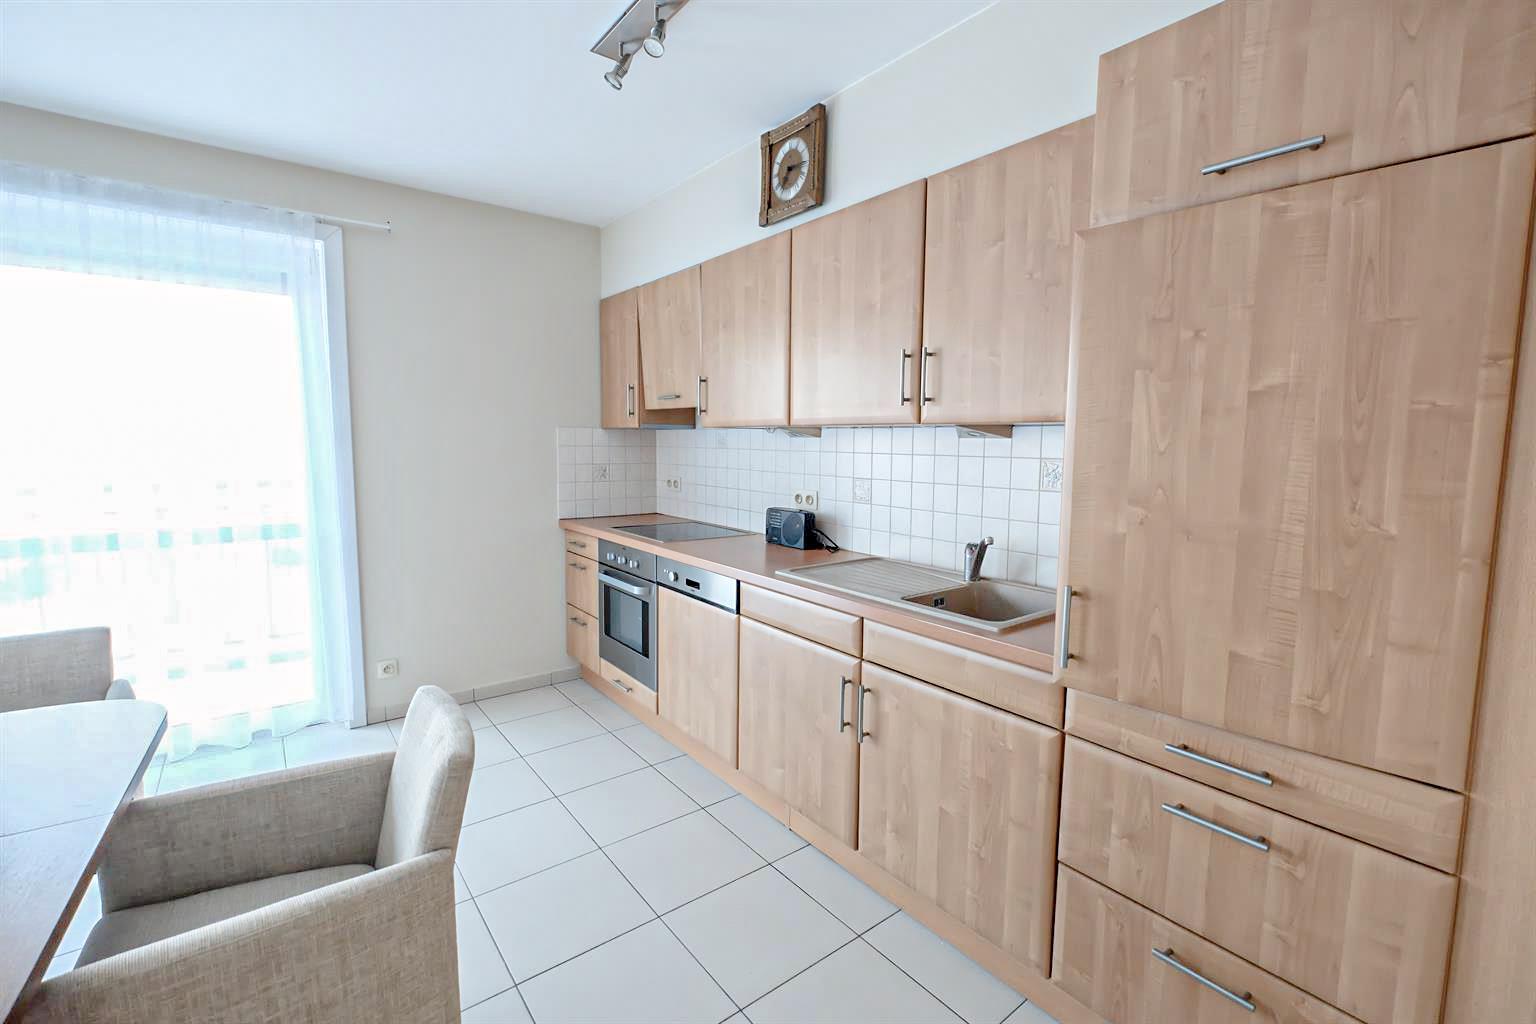 Appartement - Braine-le-Comte - #4422565-2